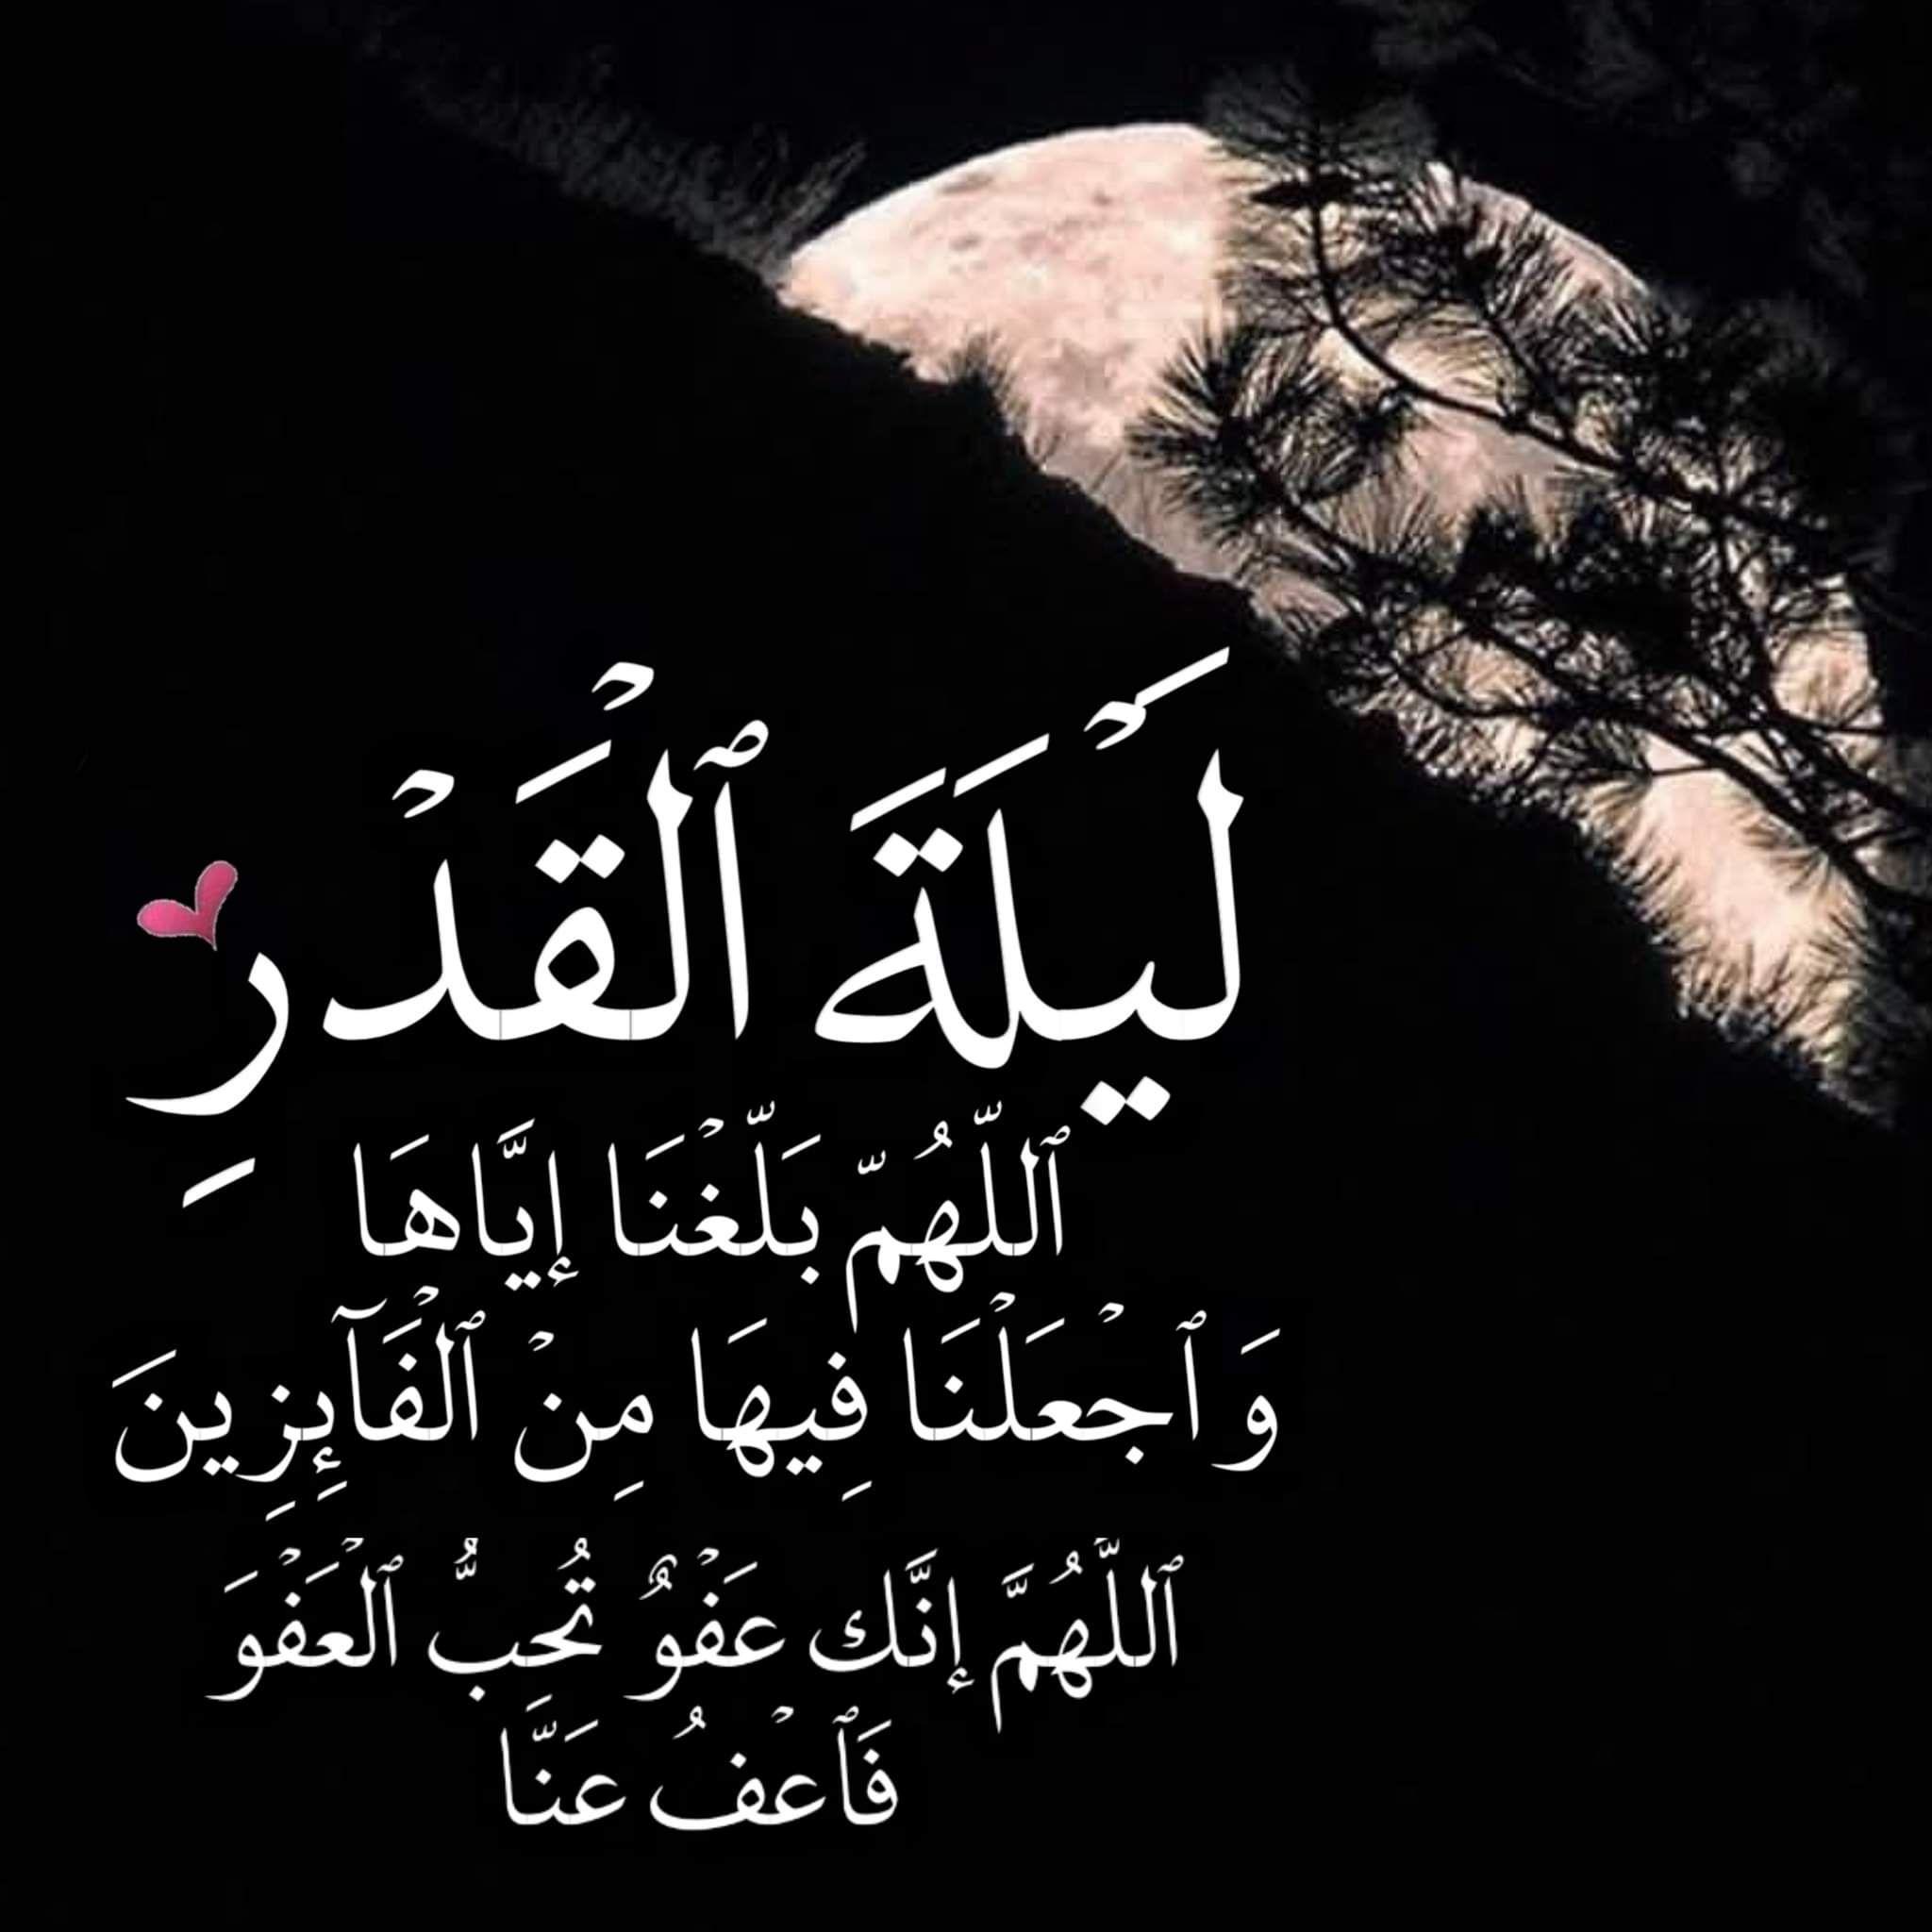 Pin By صورة و كلمة On ليلة القدر Ramadan Quotes Ramadan Romantic Love Quotes